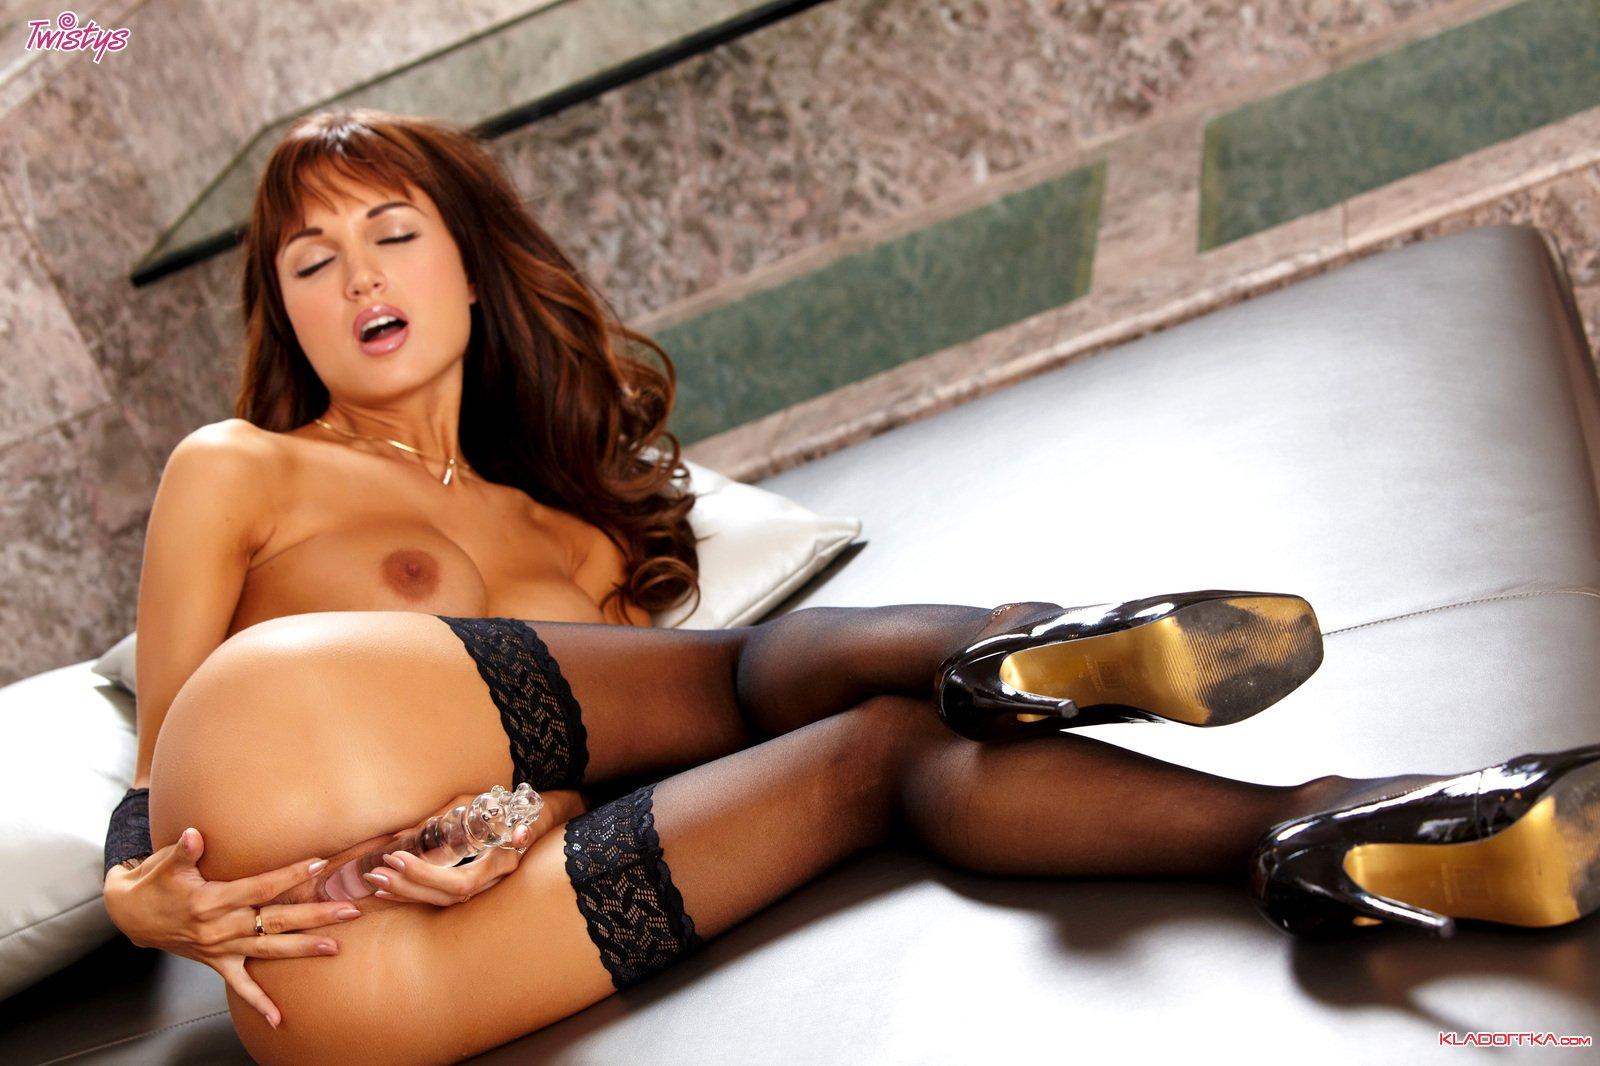 Смотреть онлайн порно с roxanne milana